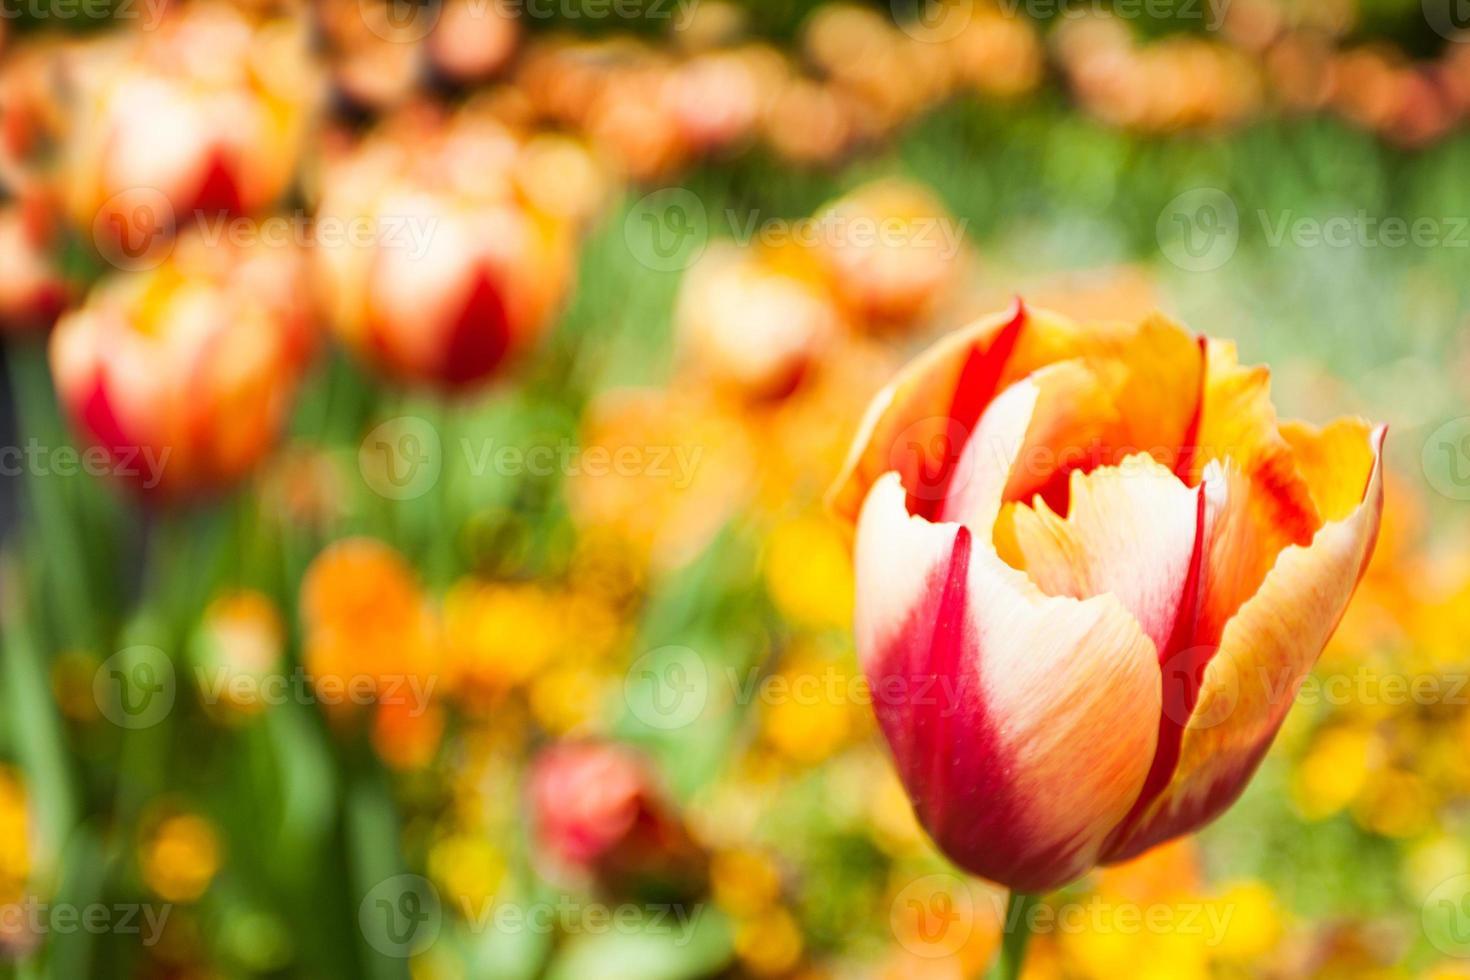 tulipán amarillo rojo foto